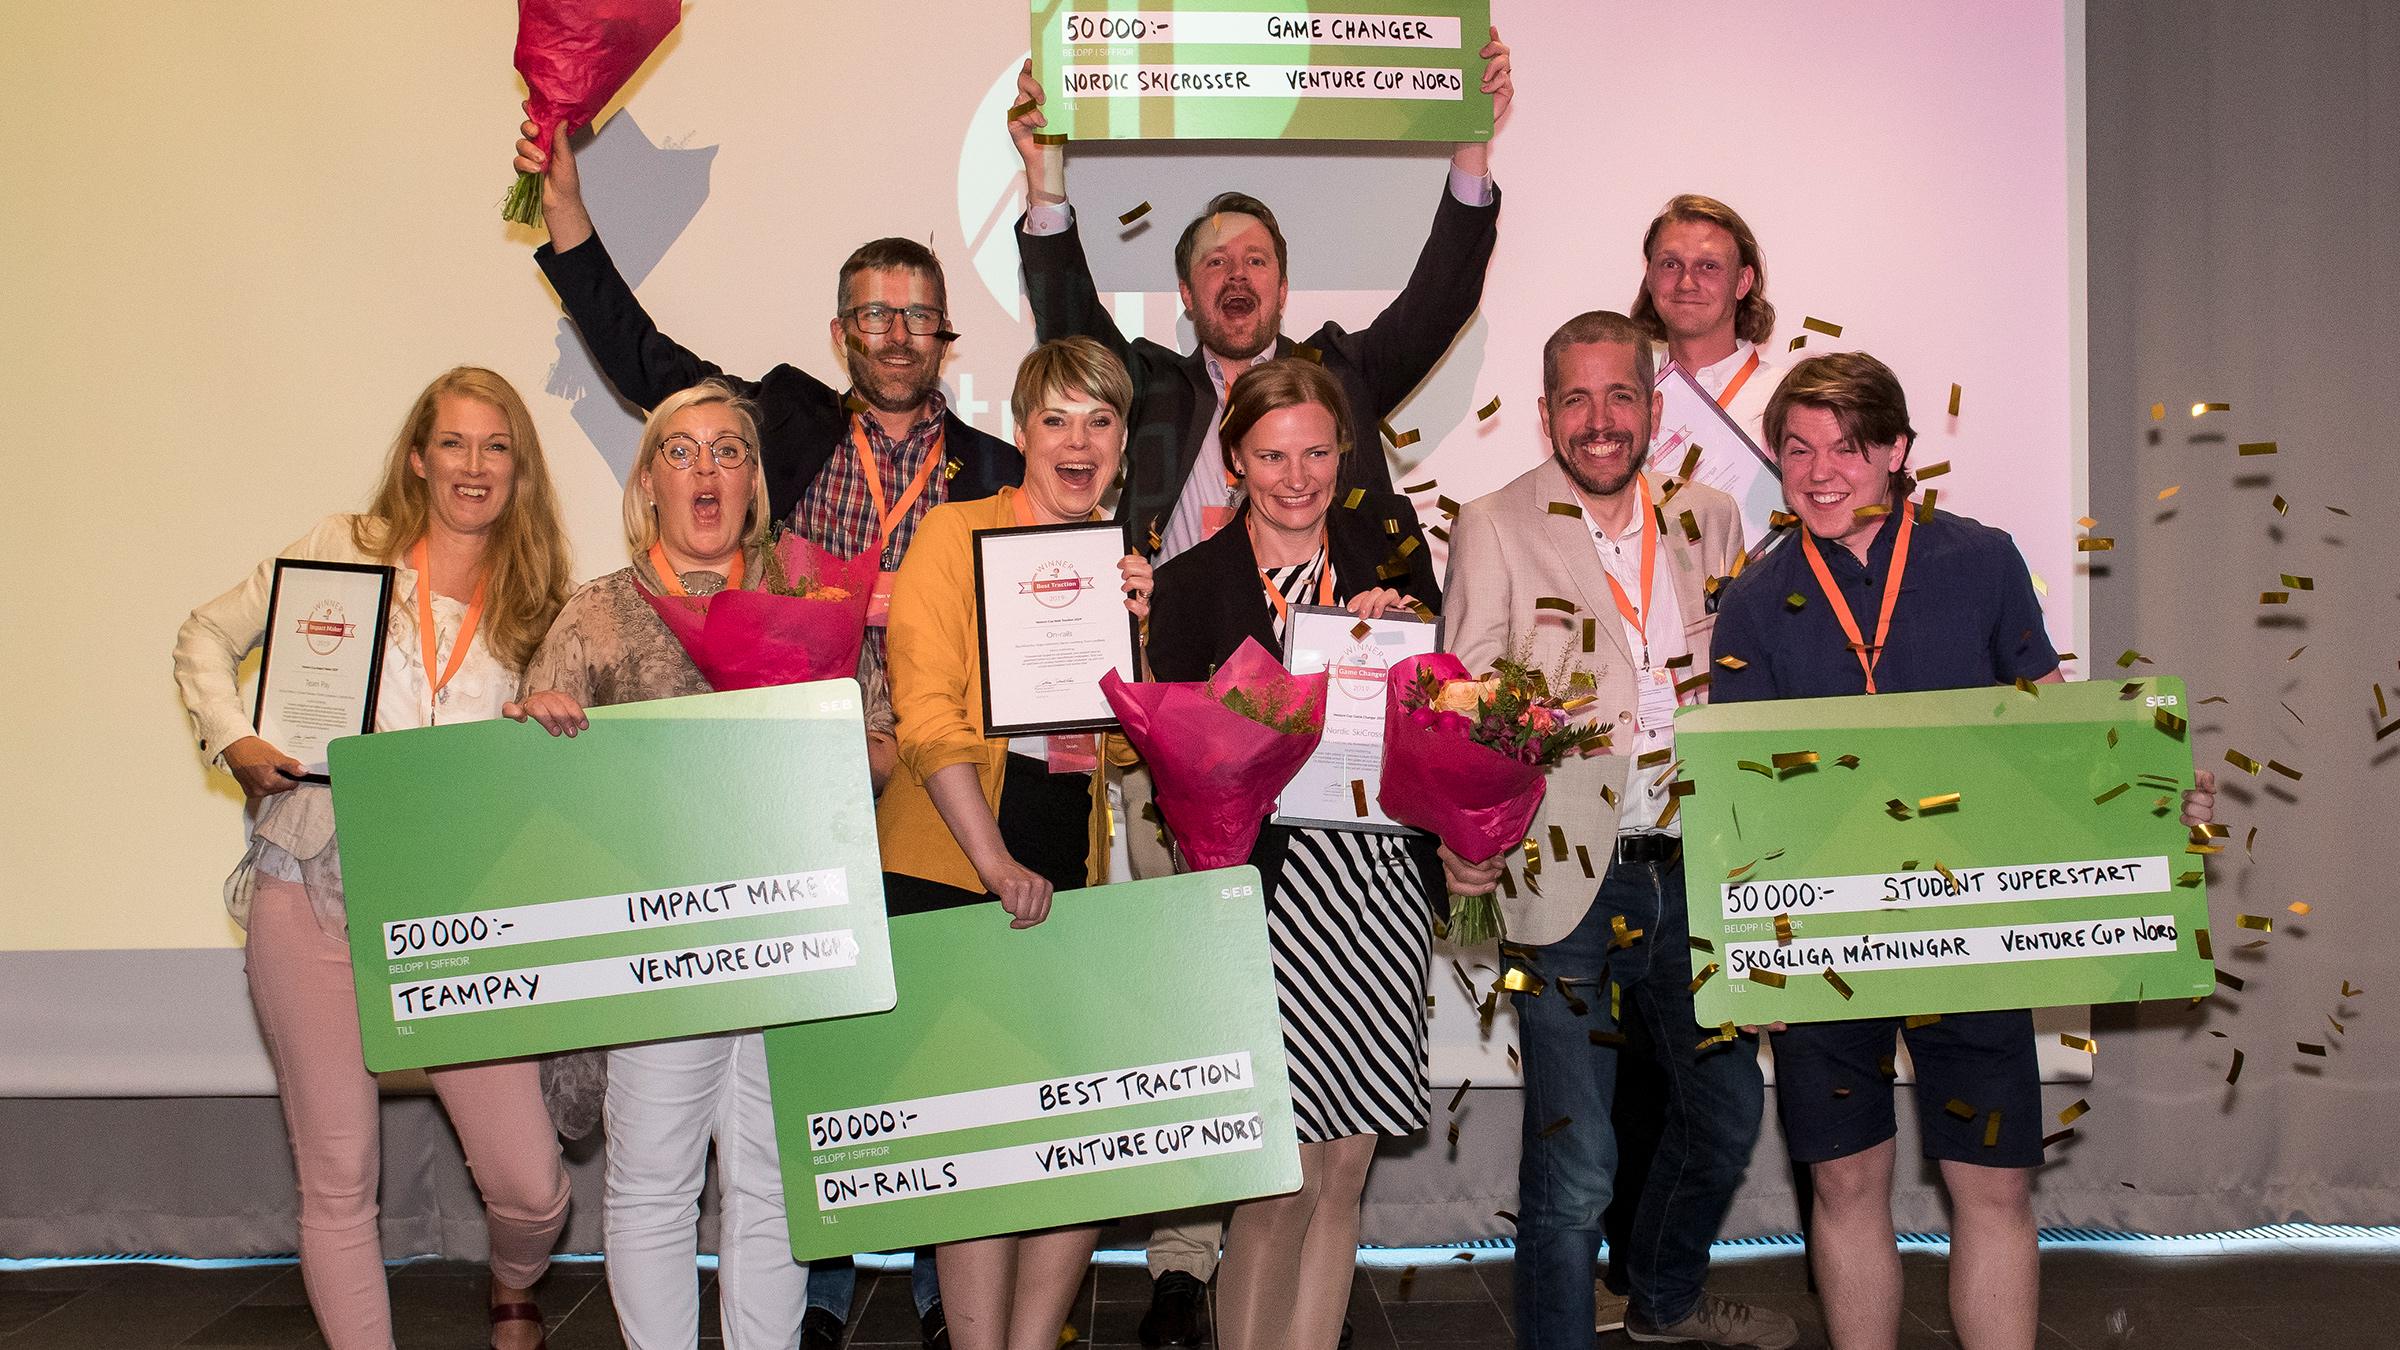 Nu ska årets vinnare i Venture Cup Nord koras. På bilden syns samtliga regionala vinnare från 2019. Foto: Jenny Rehnman